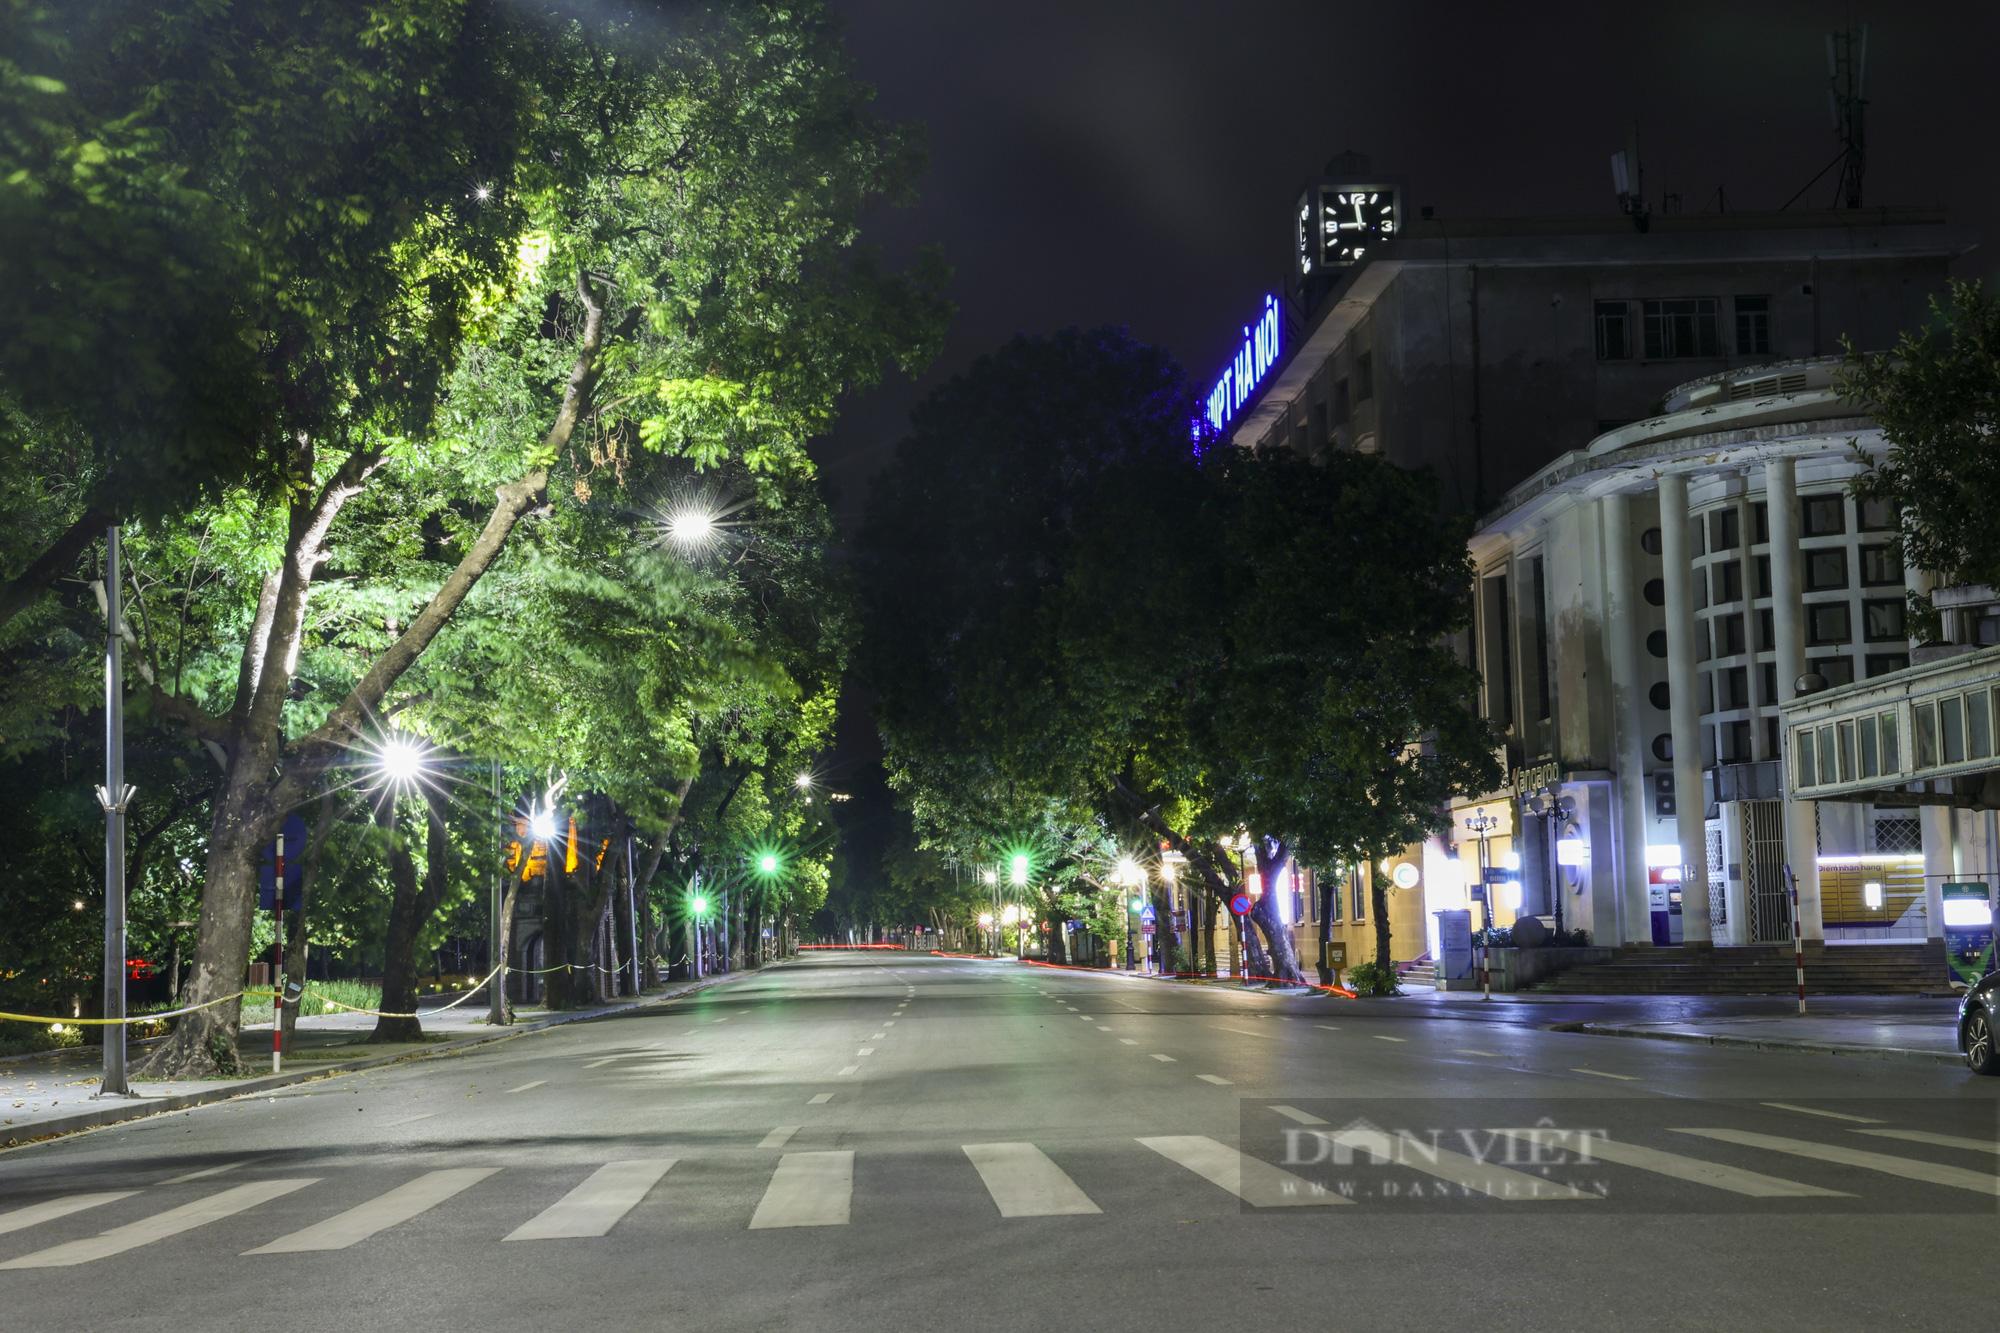 Giãn cách xã hội: Hà Nội vắng lặng, yên bình lúc về đêm - Ảnh 5.